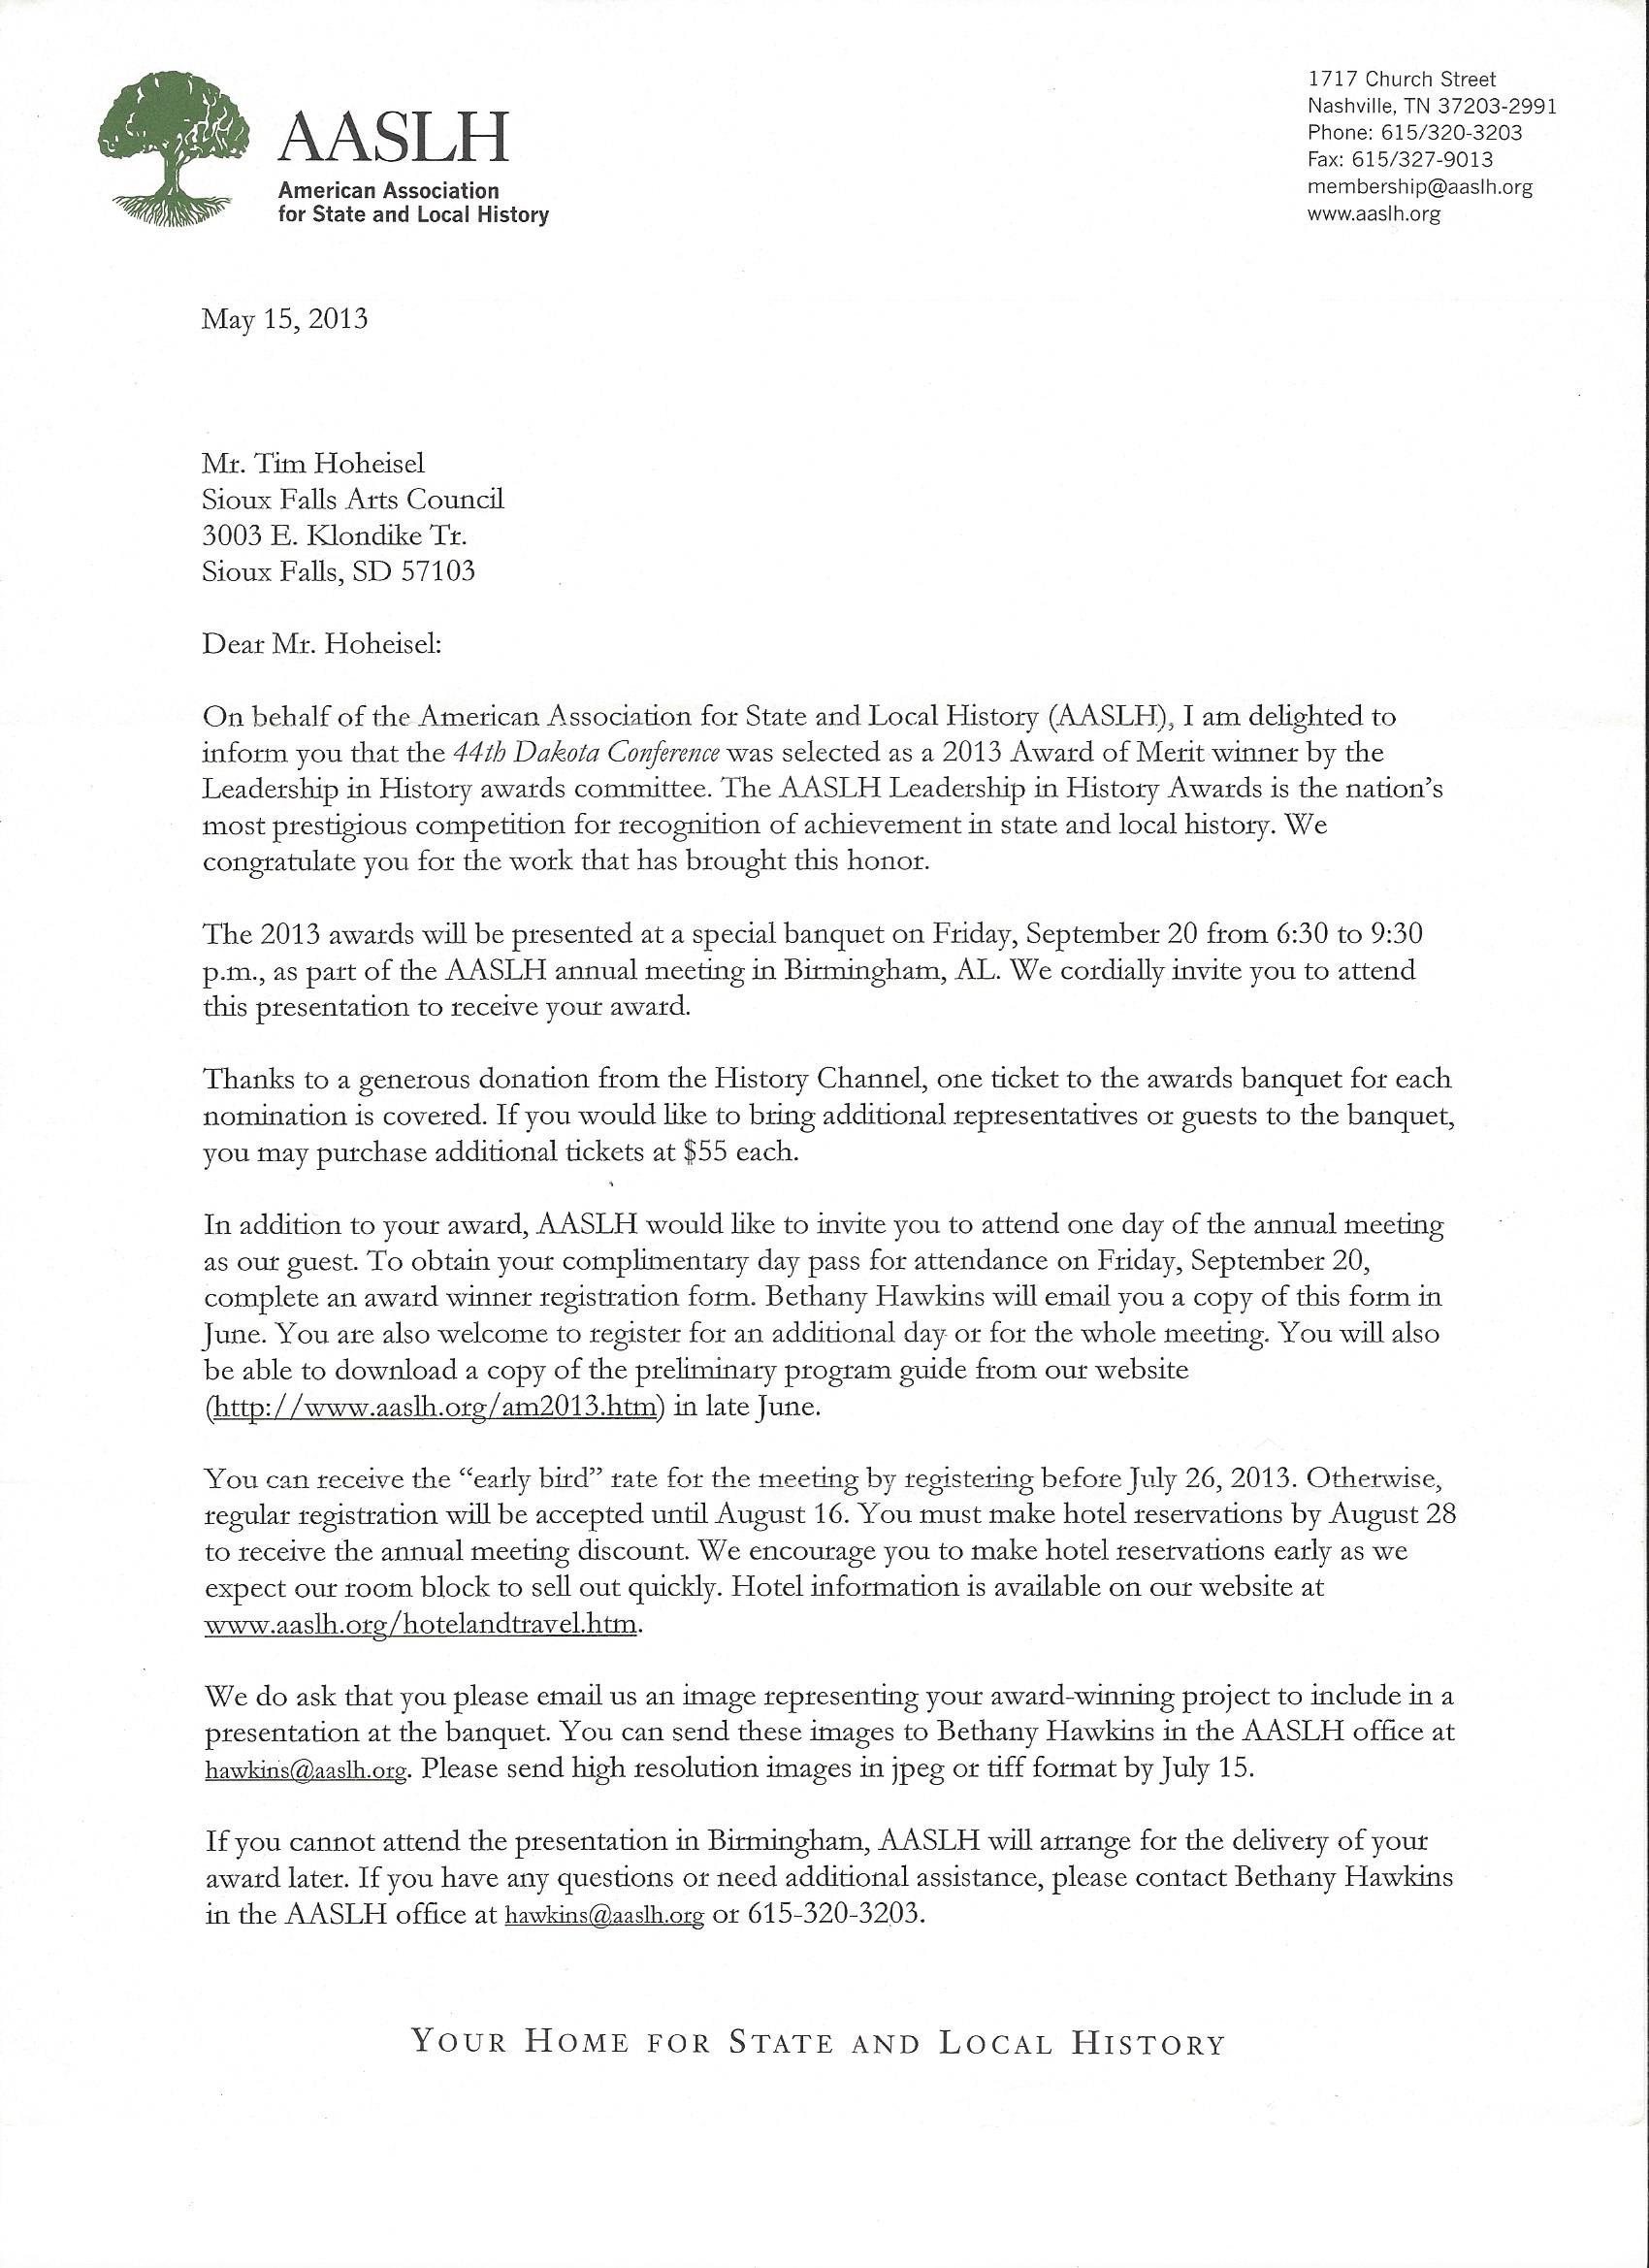 AASLH Letter 1.jpg